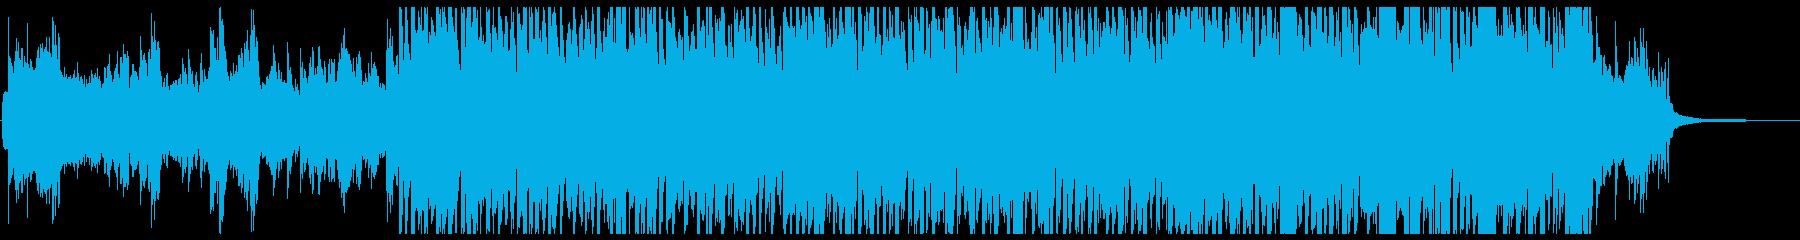 スローなピアノインスト曲の再生済みの波形